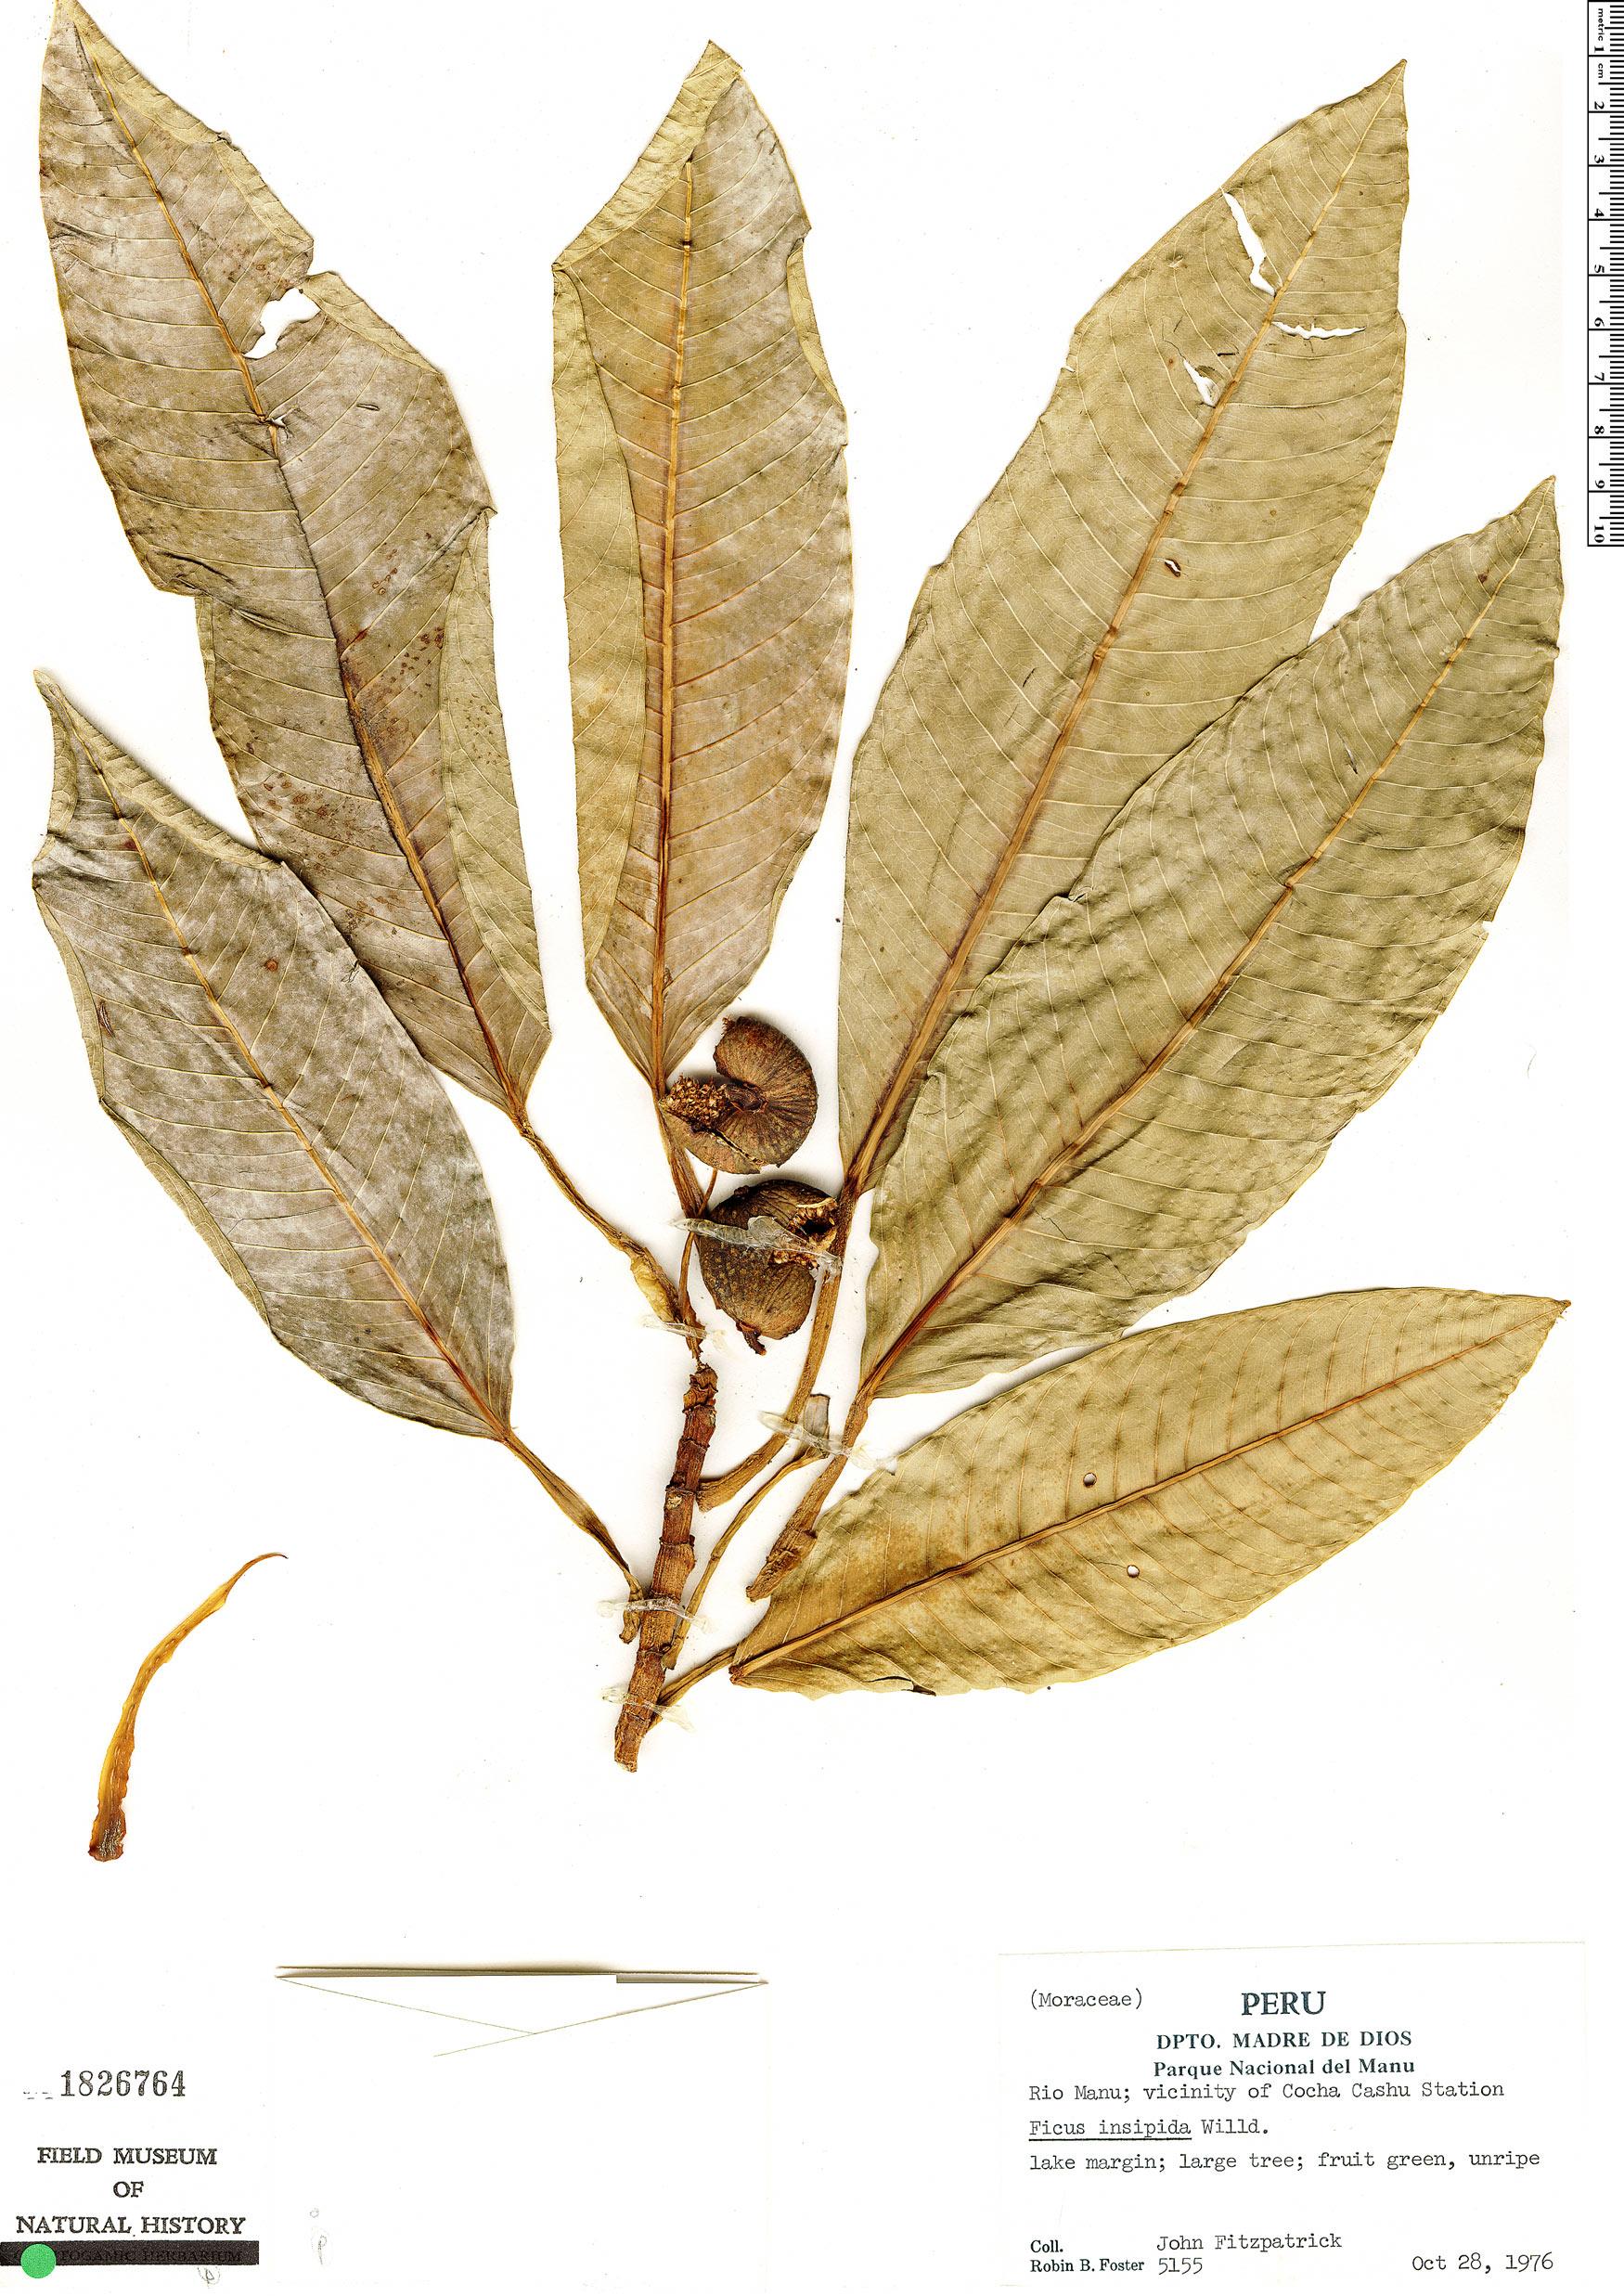 Specimen: Ficus insipida